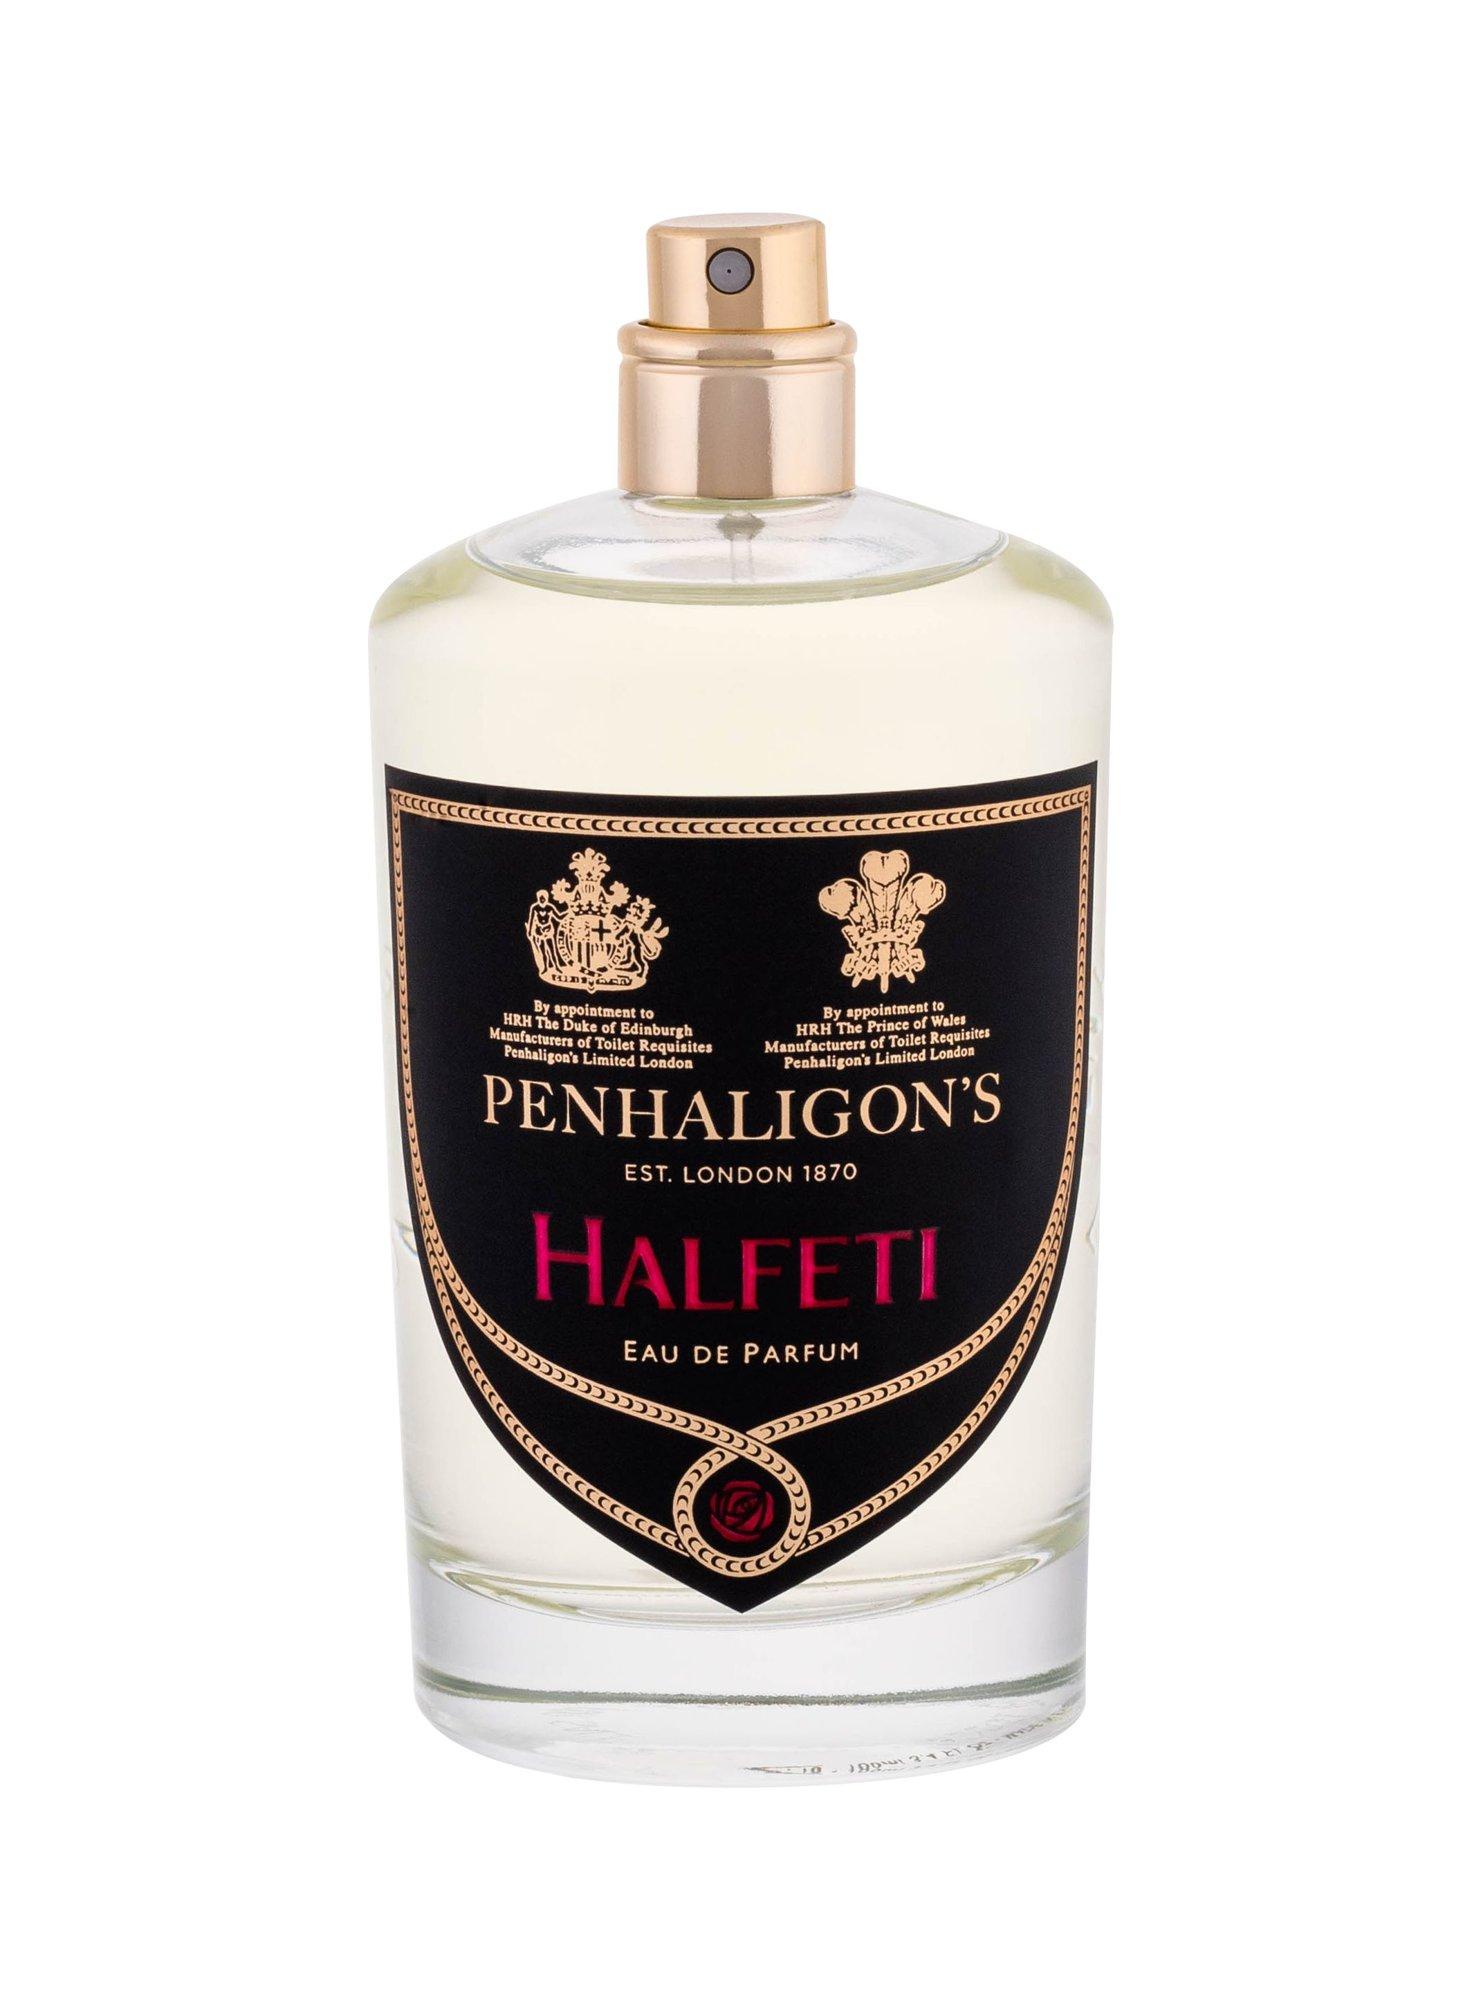 Penhaligon´s Halfeti Eau de Parfum 100ml